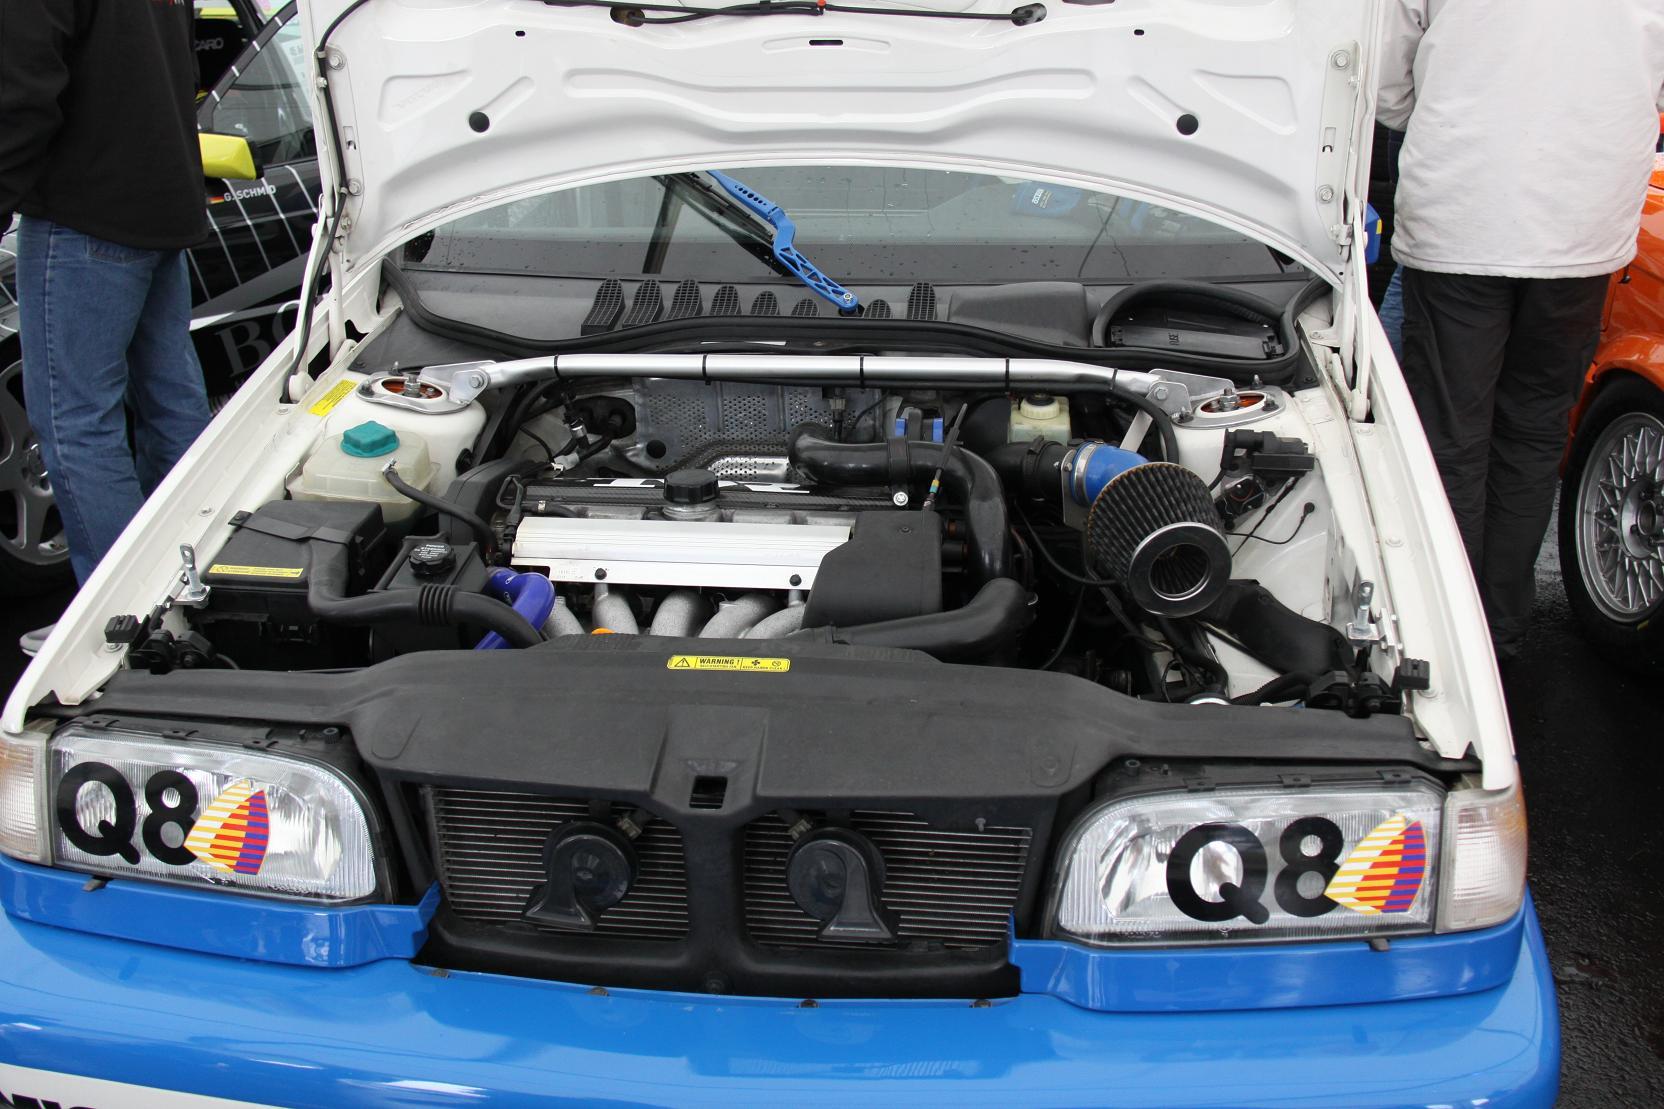 Mit technischem Knowhow und viel Liebe zum Detail hat Michael Nägler den Motorraum seines Volvo 850 T-5R aufbereitet. Der quer eingebaute 5-Zylinder liefert nun 280 PS.